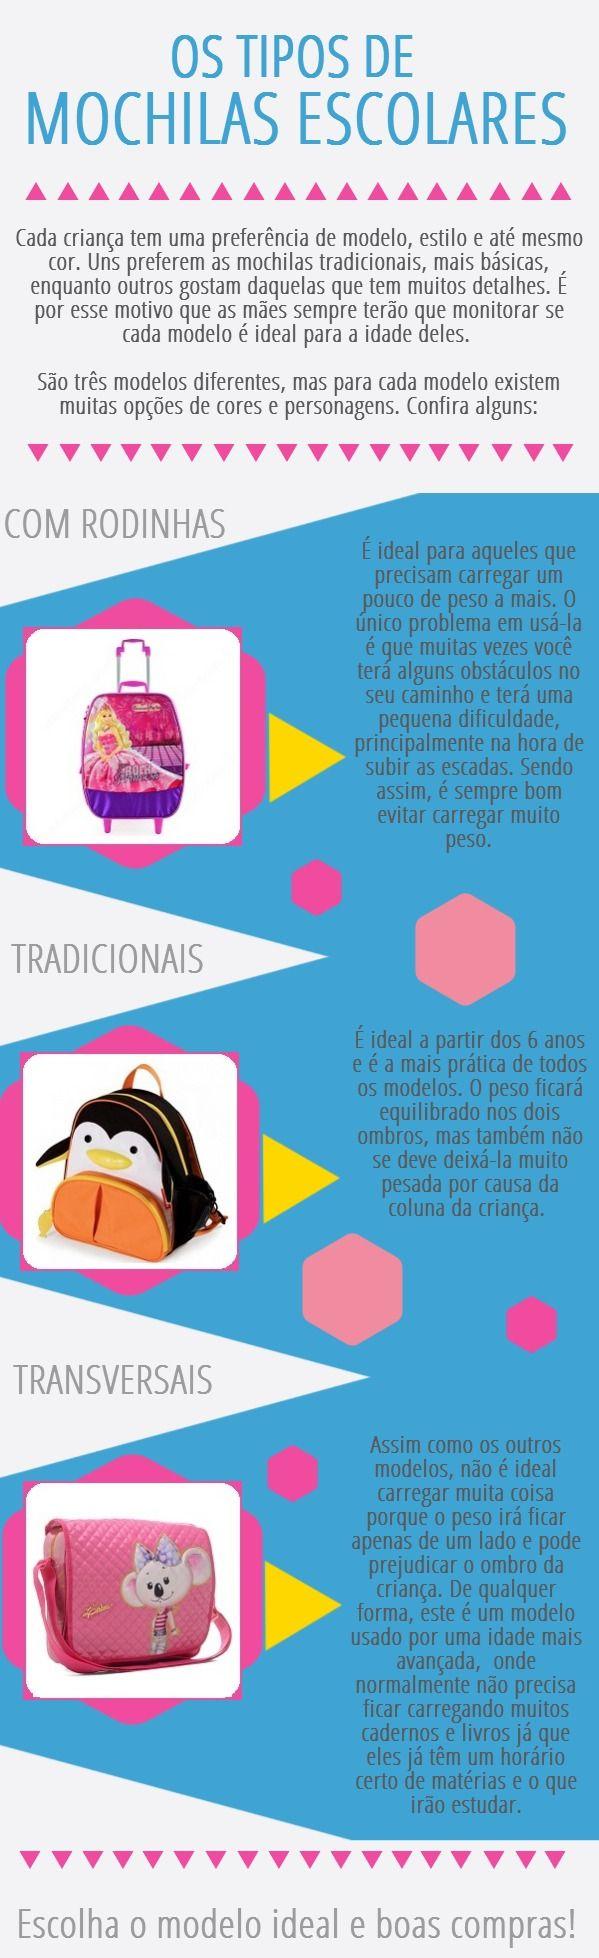 Os diferentes modelos de mochilas escolares e as suas respectivas qualidades